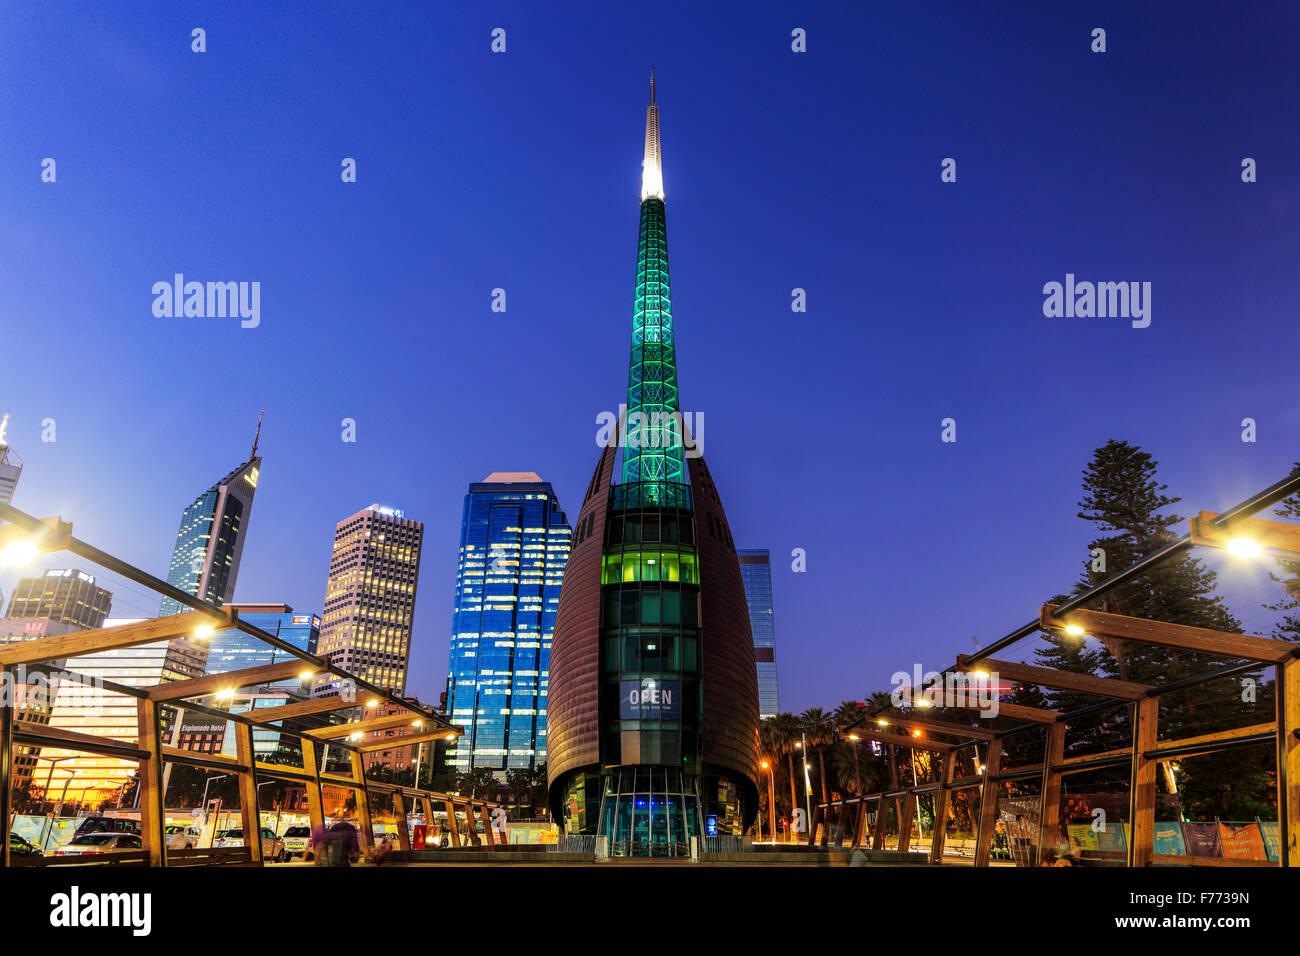 La torre campanaria a Barrack Square, Perth, Western Australia. Immagini Stock